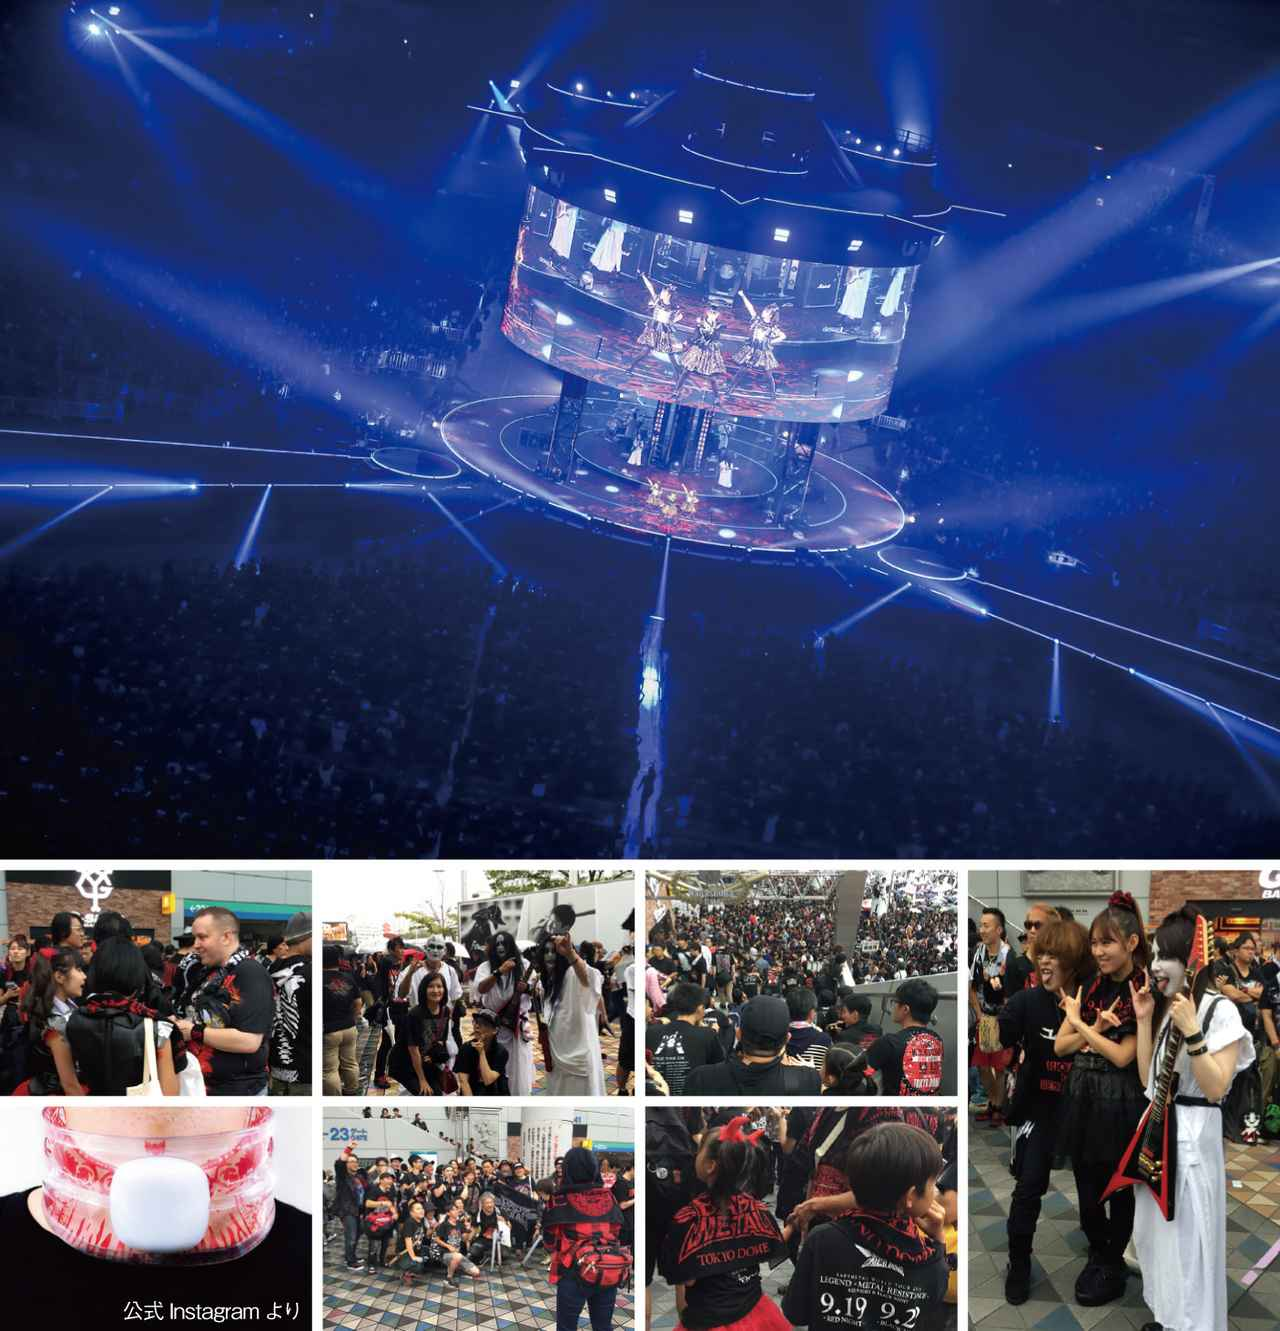 画像: 東京ドーム入場ゲートには、開場前からBABYMETALのファンが集結。中には、BABYMETALのコスチュームでメンバーになりきった女の子や、親子連れ、神バンドの格好をしたファンなどでヒートアップ